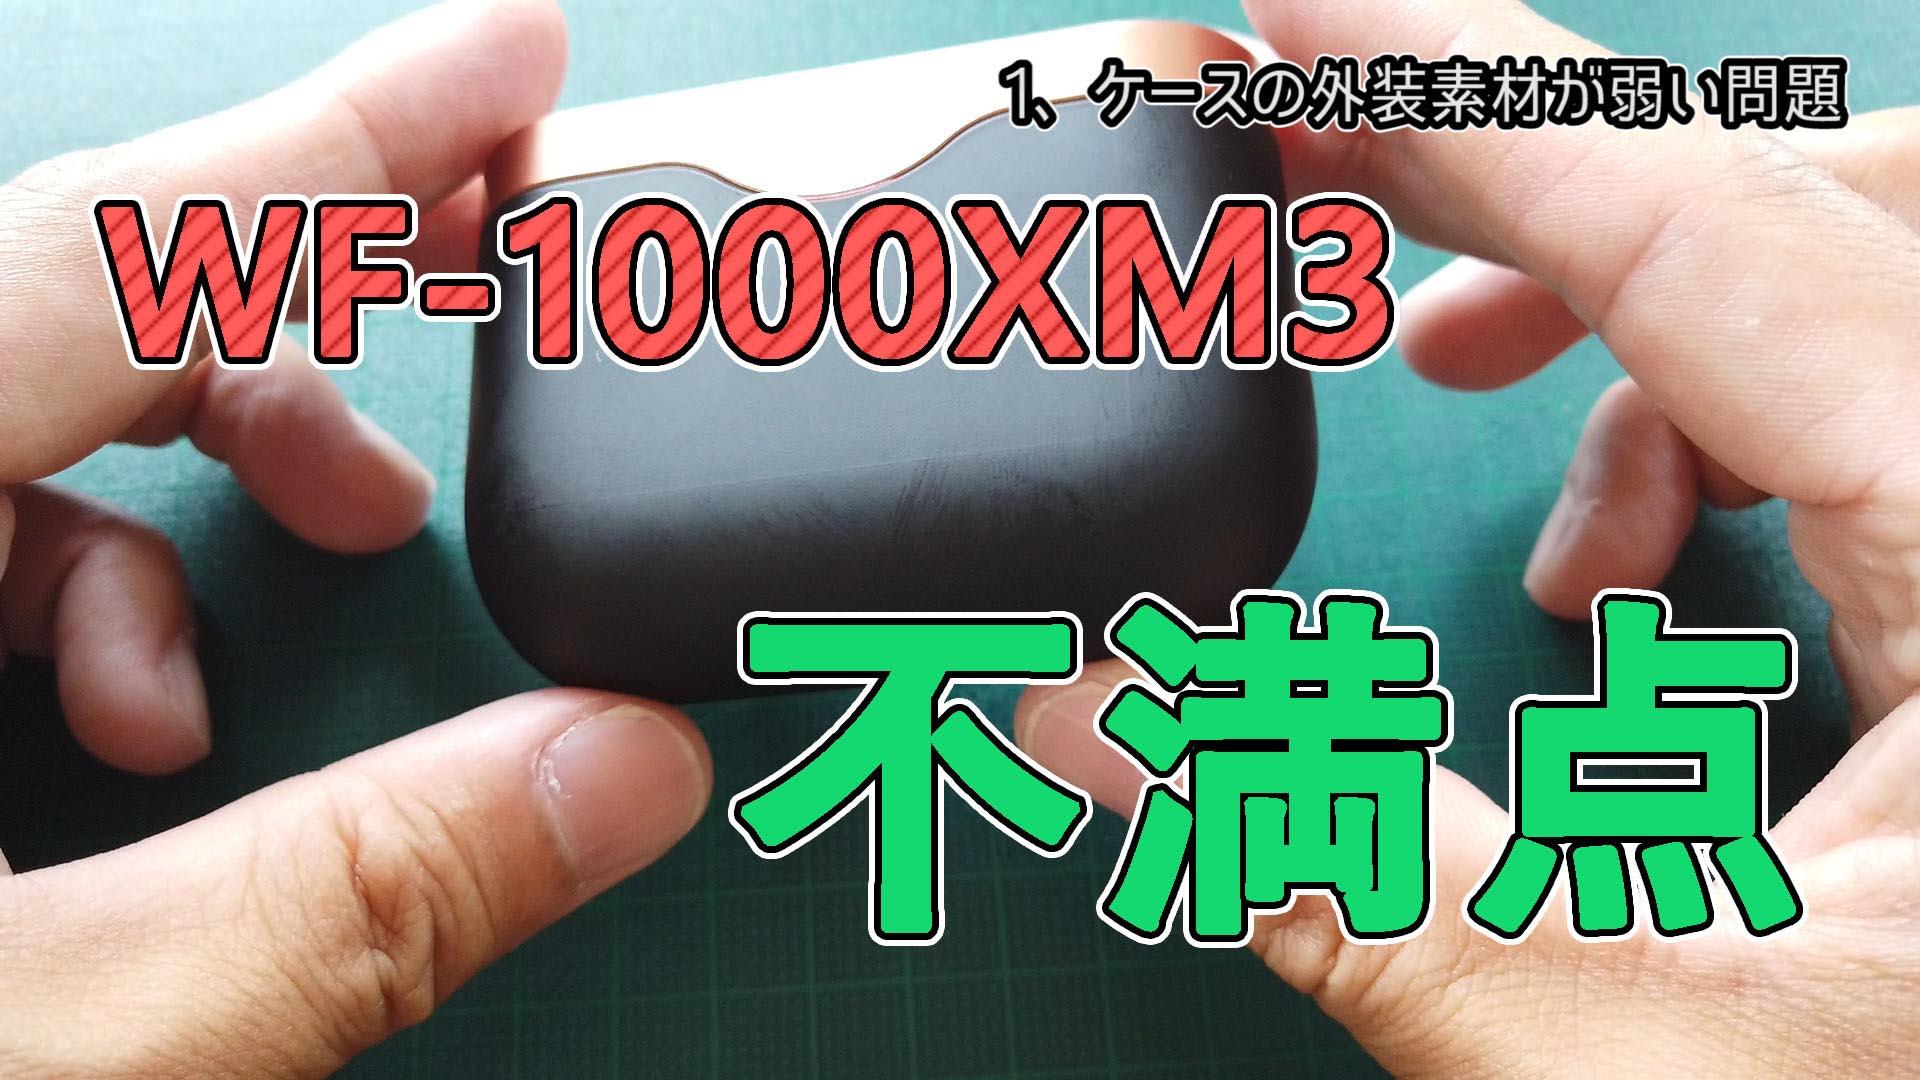 Wf ペア sony リング 1000xm3